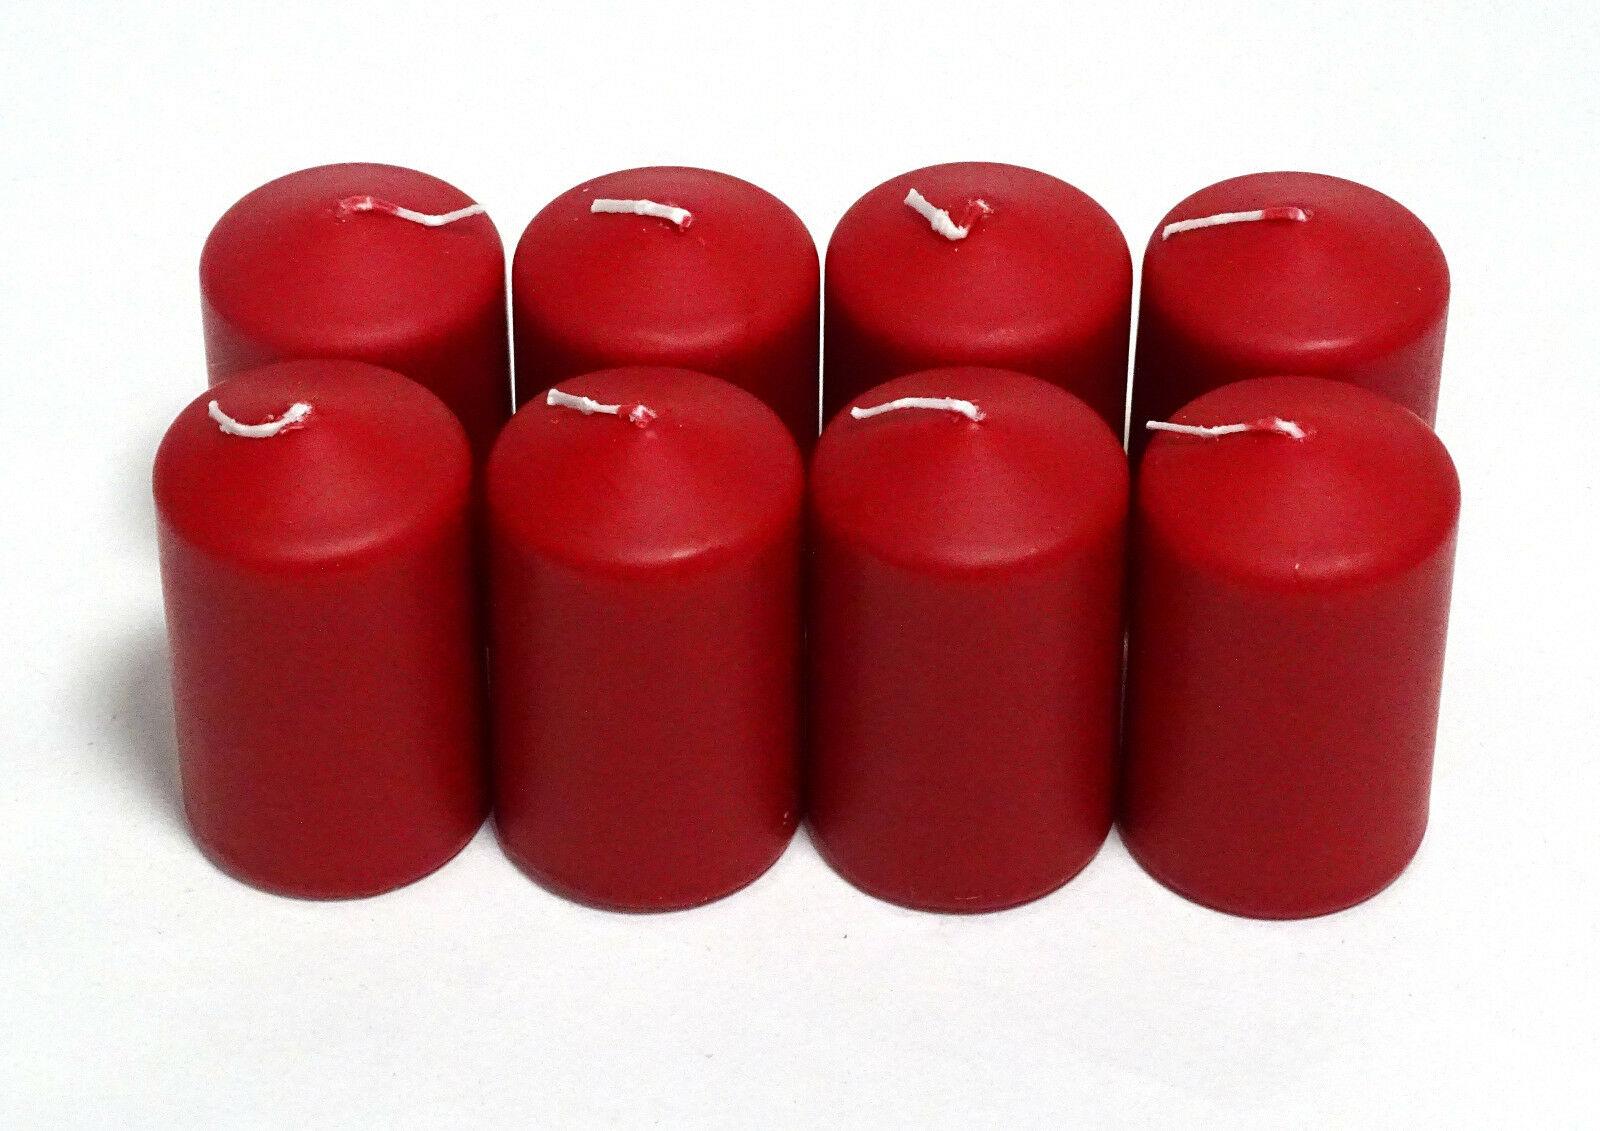 8 - 16 Stück Stumpenkerzen 95 x 58 mm Candle Stumpen Kerzen Rot - 8 Stück